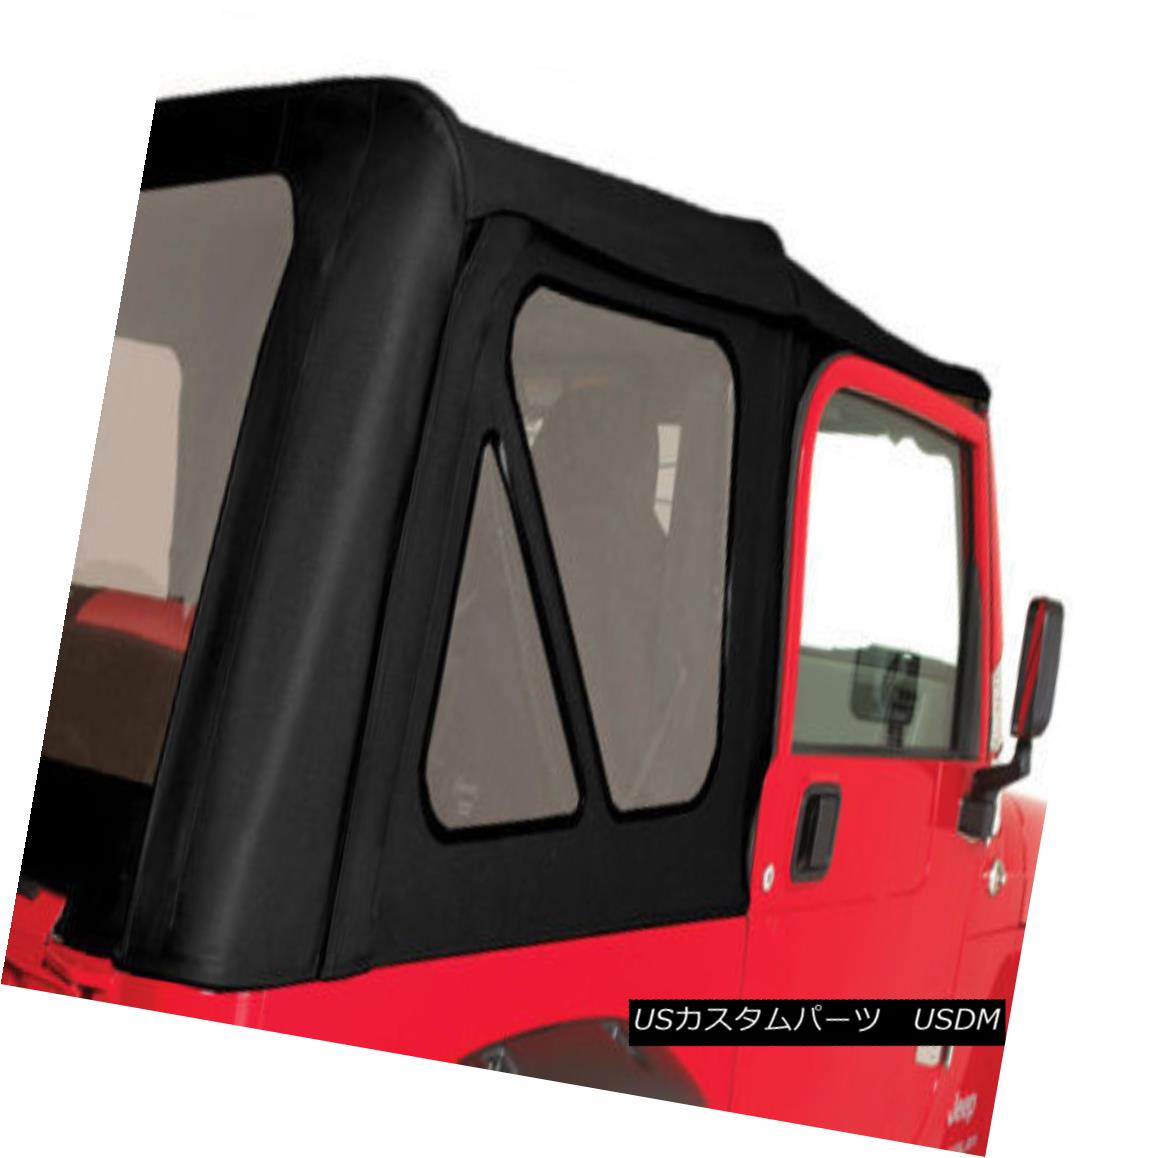 幌・ソフトトップ Rampage 99715 Soft Top Replacement Black w/ Soft Upper Doors for 97-06 Wrangler ランペイジ99715ソフトトッププロテクターブラック、ソフトアッパードア付き97-06ラングラー